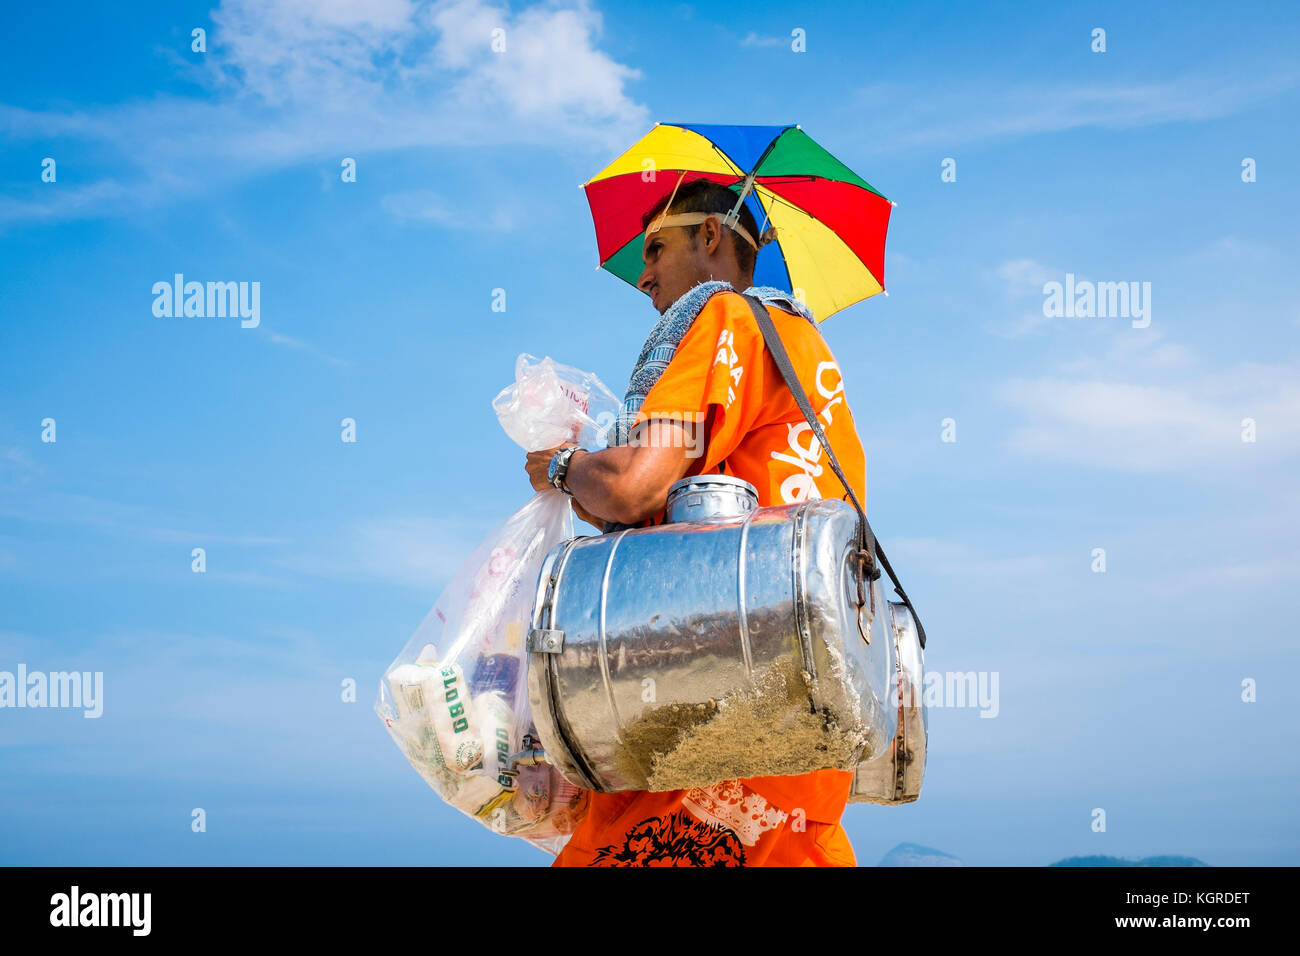 Rio de Janeiro - marzo 30, 2016: brasiliano spiaggia di vendita del fornitore del sud america tè mate passeggiate in uniforme con una pantina parasole hat lungo la spiaggia di Ipanema. Foto Stock